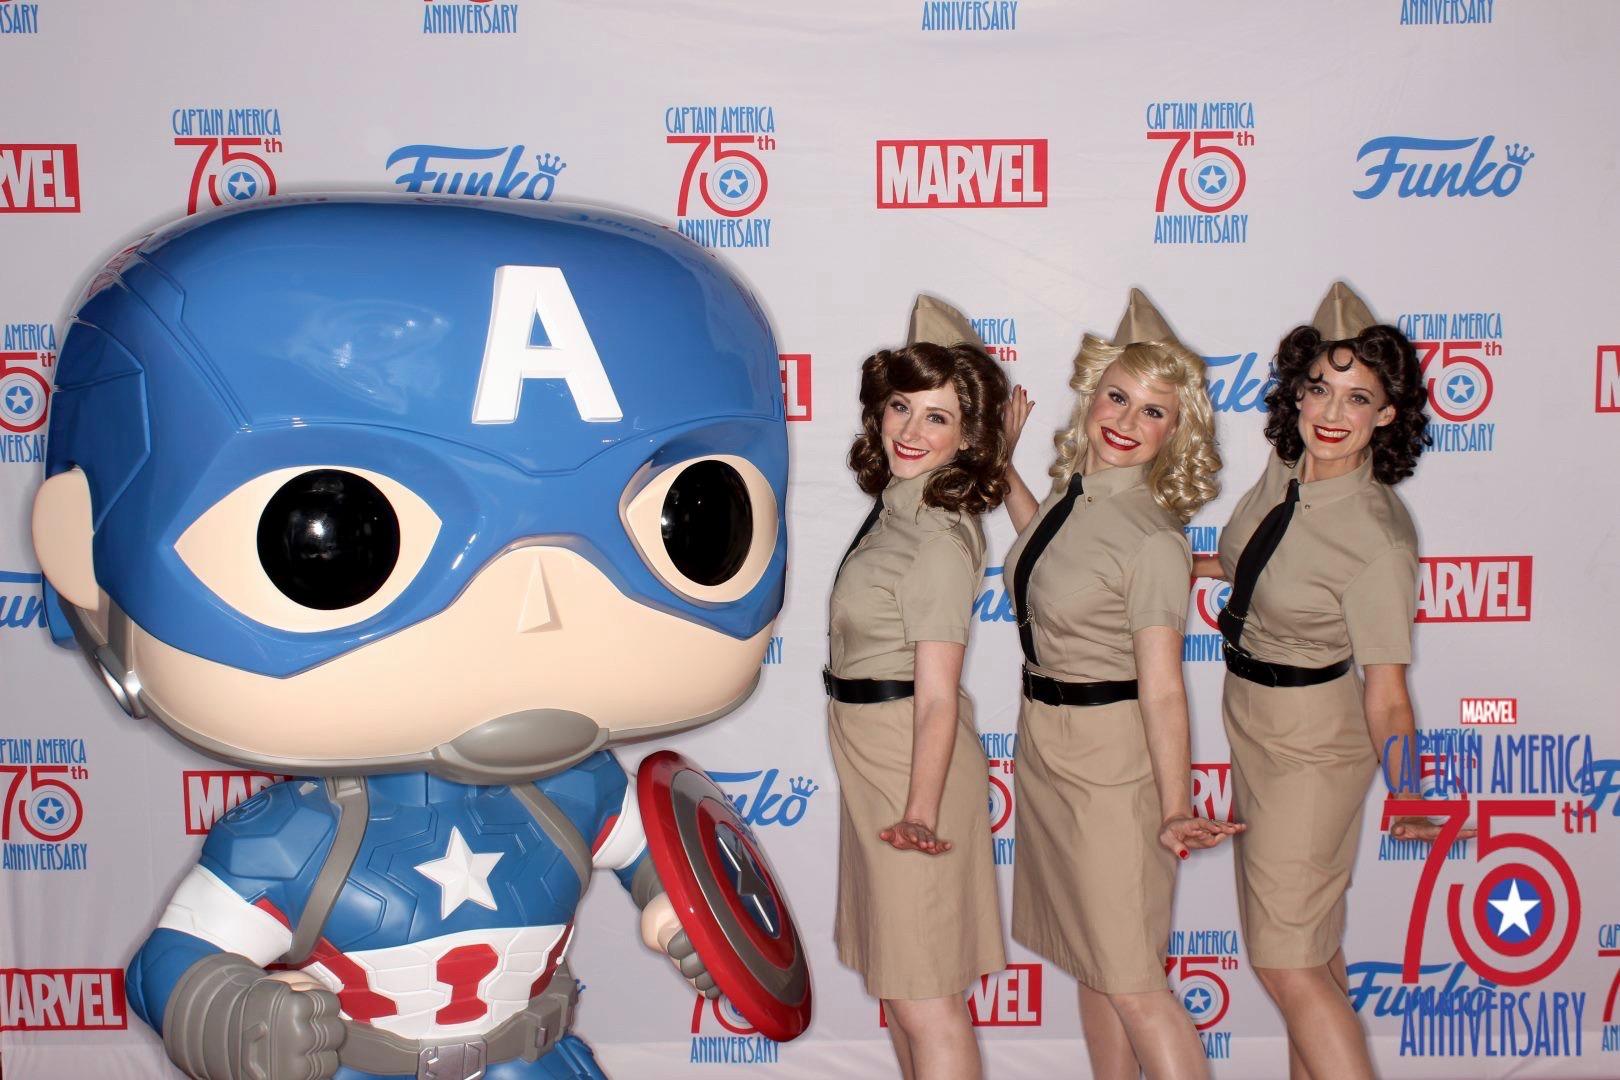 Comicon 2016, Captain America's 75th Anniversary